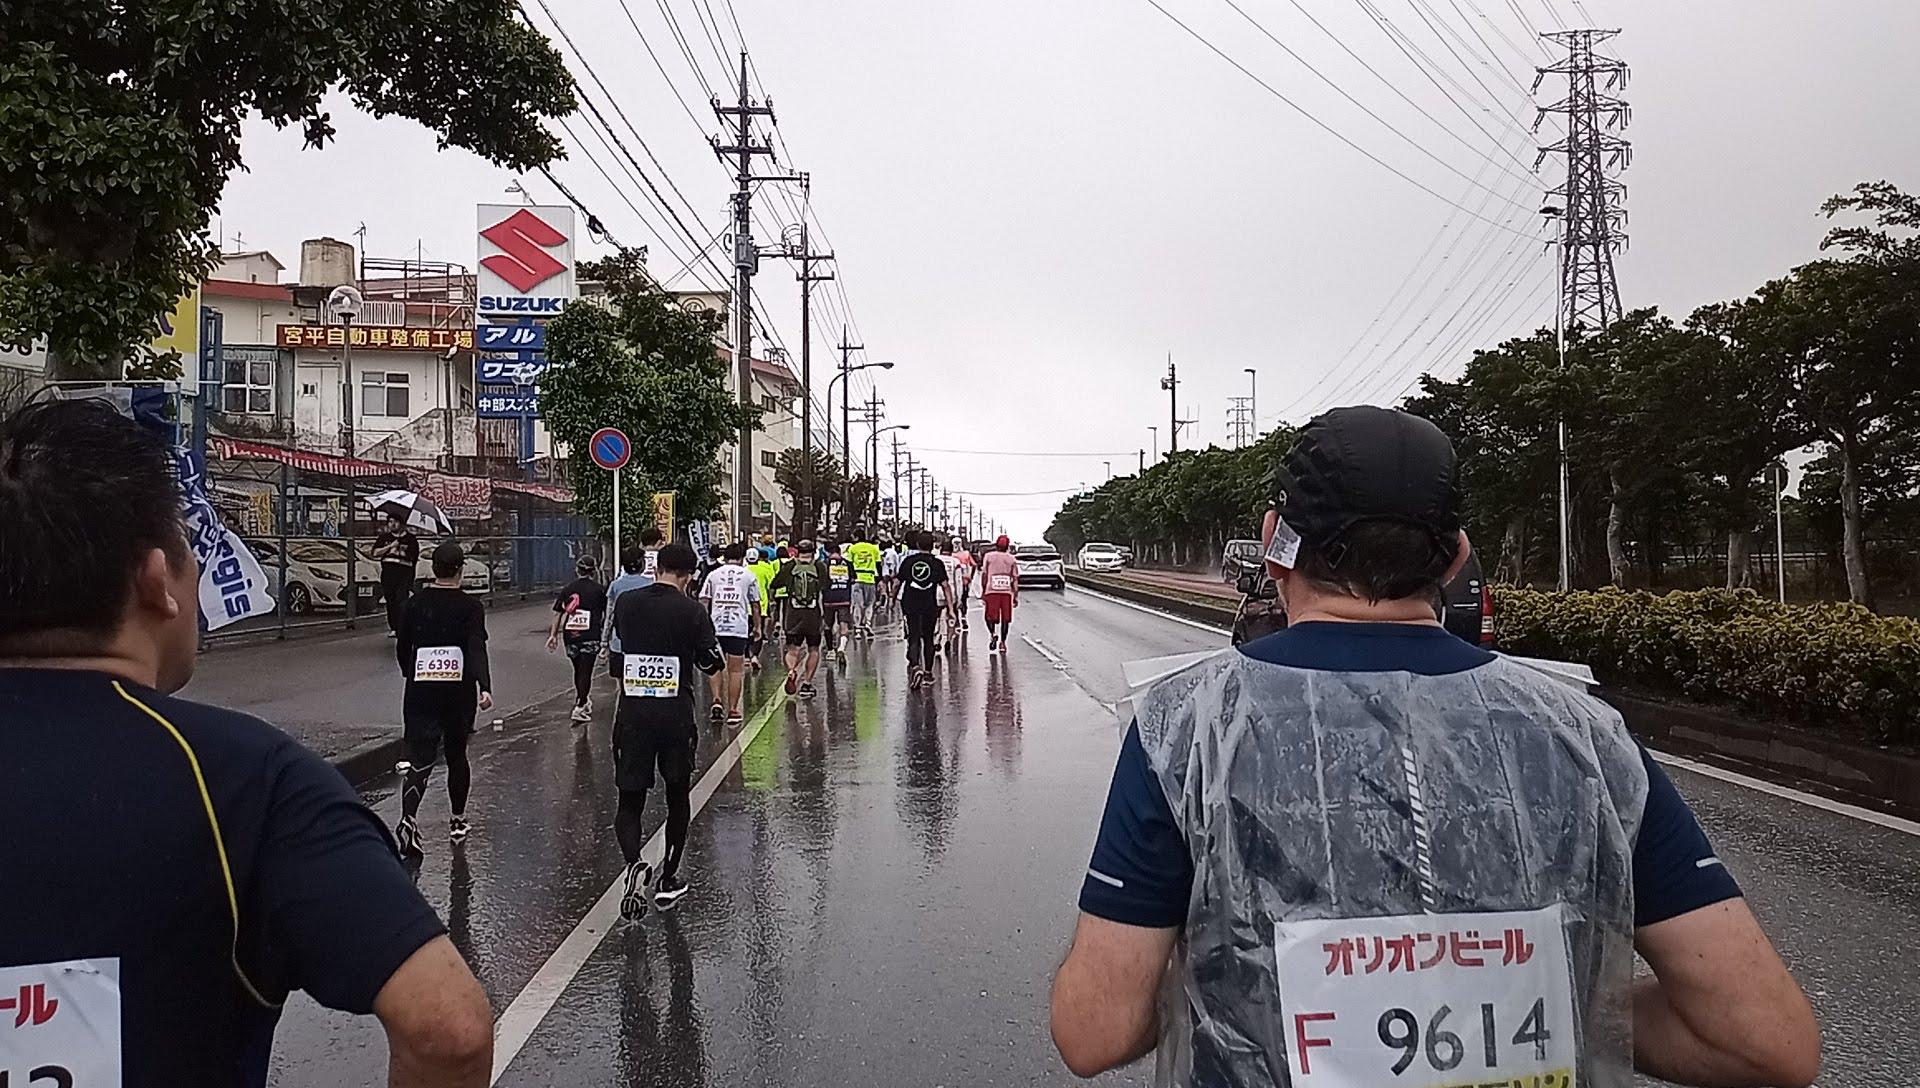 沖縄マラソンスタート27㎞付近の上り坂